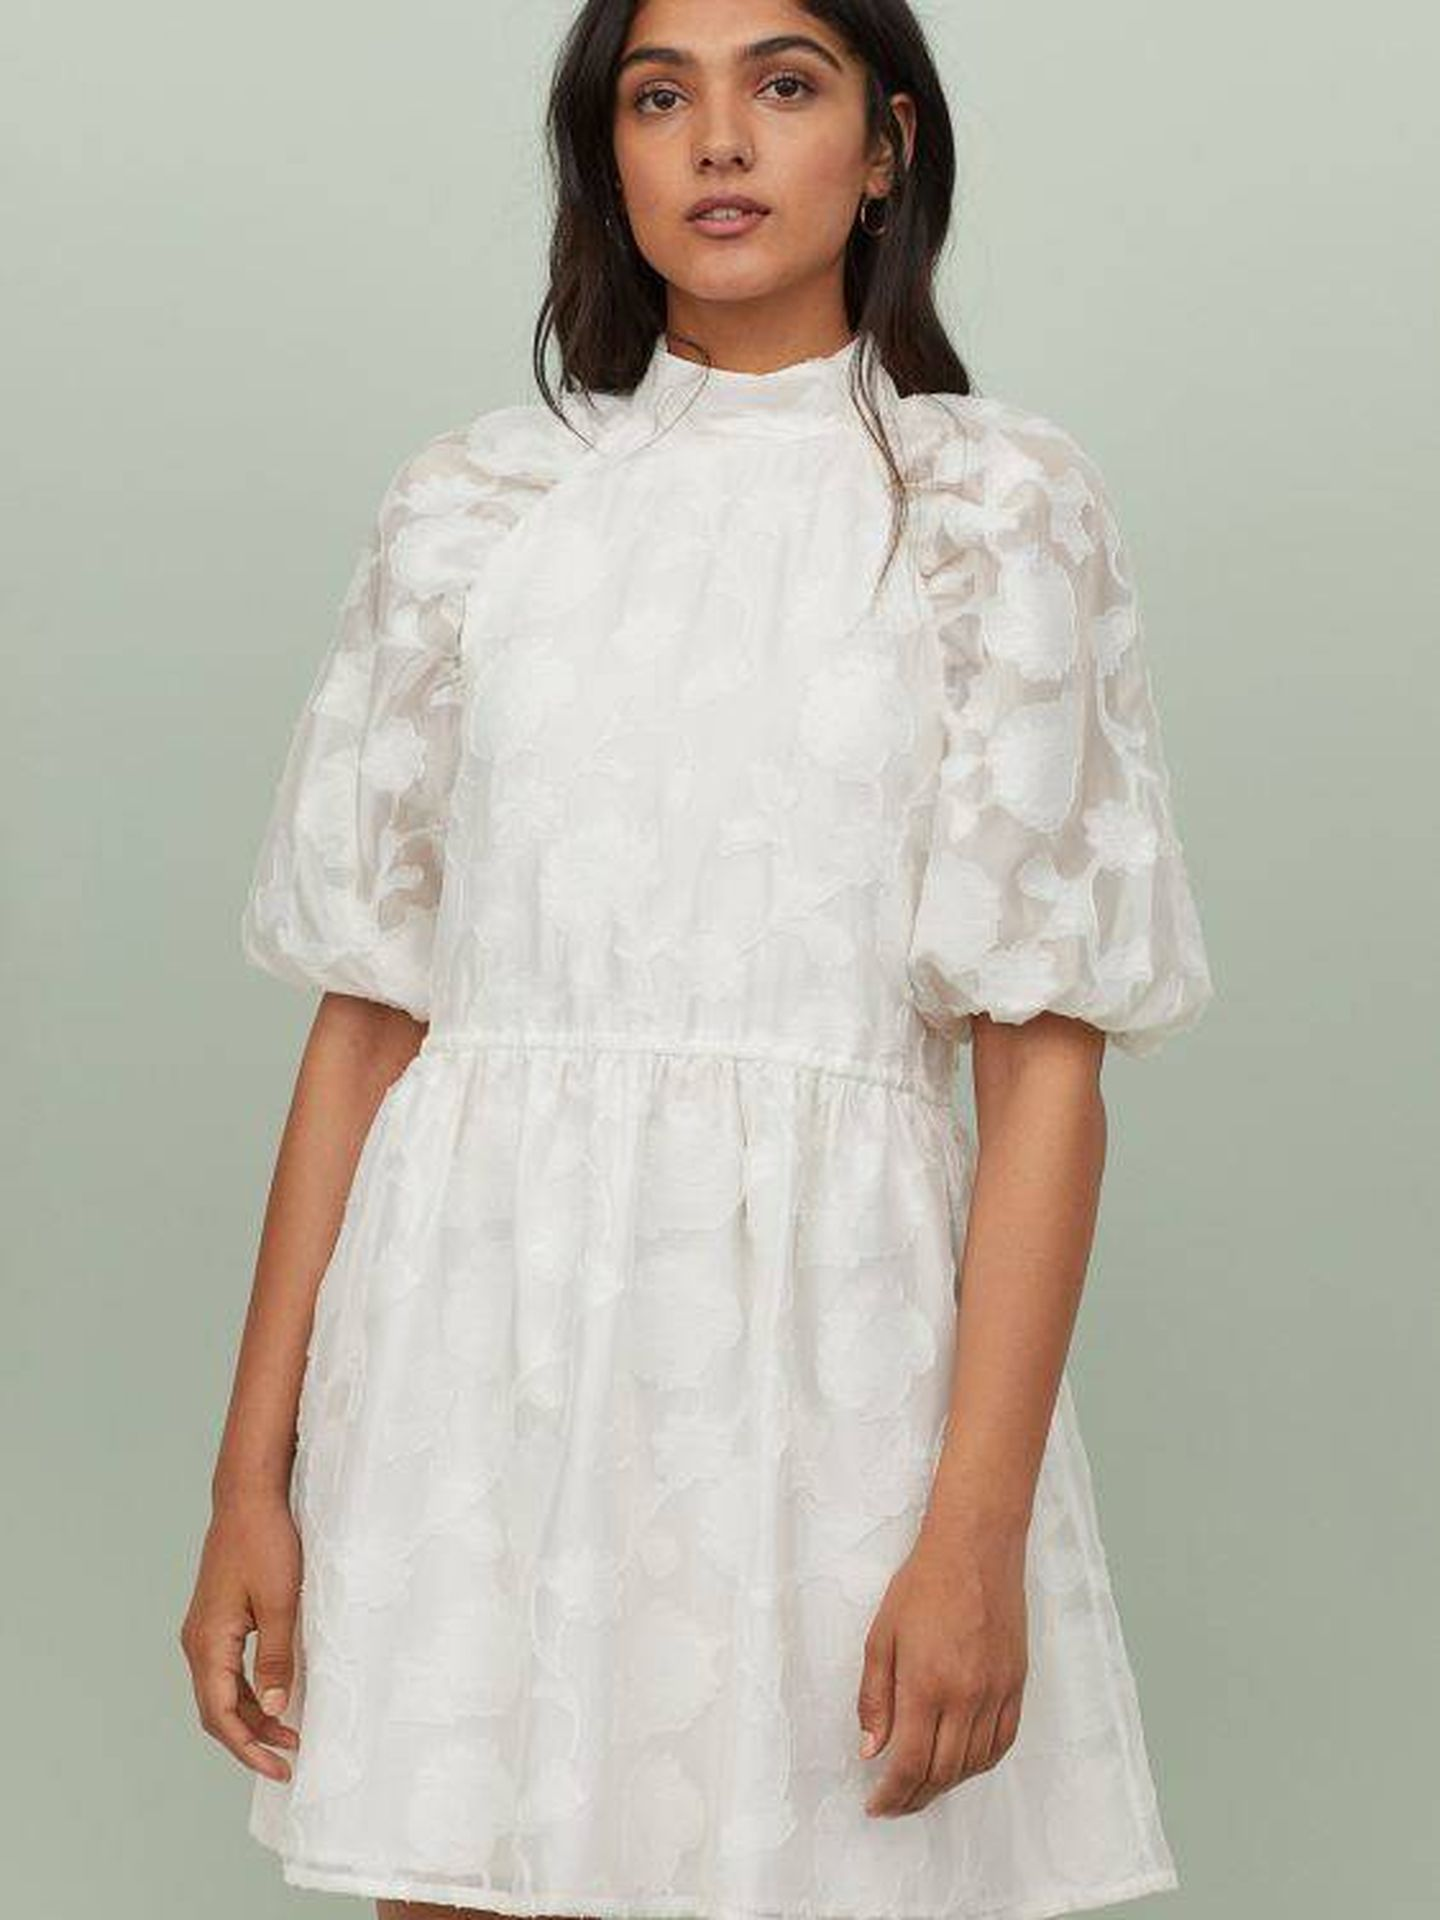 El vestido en color blanco. (Cortesía)